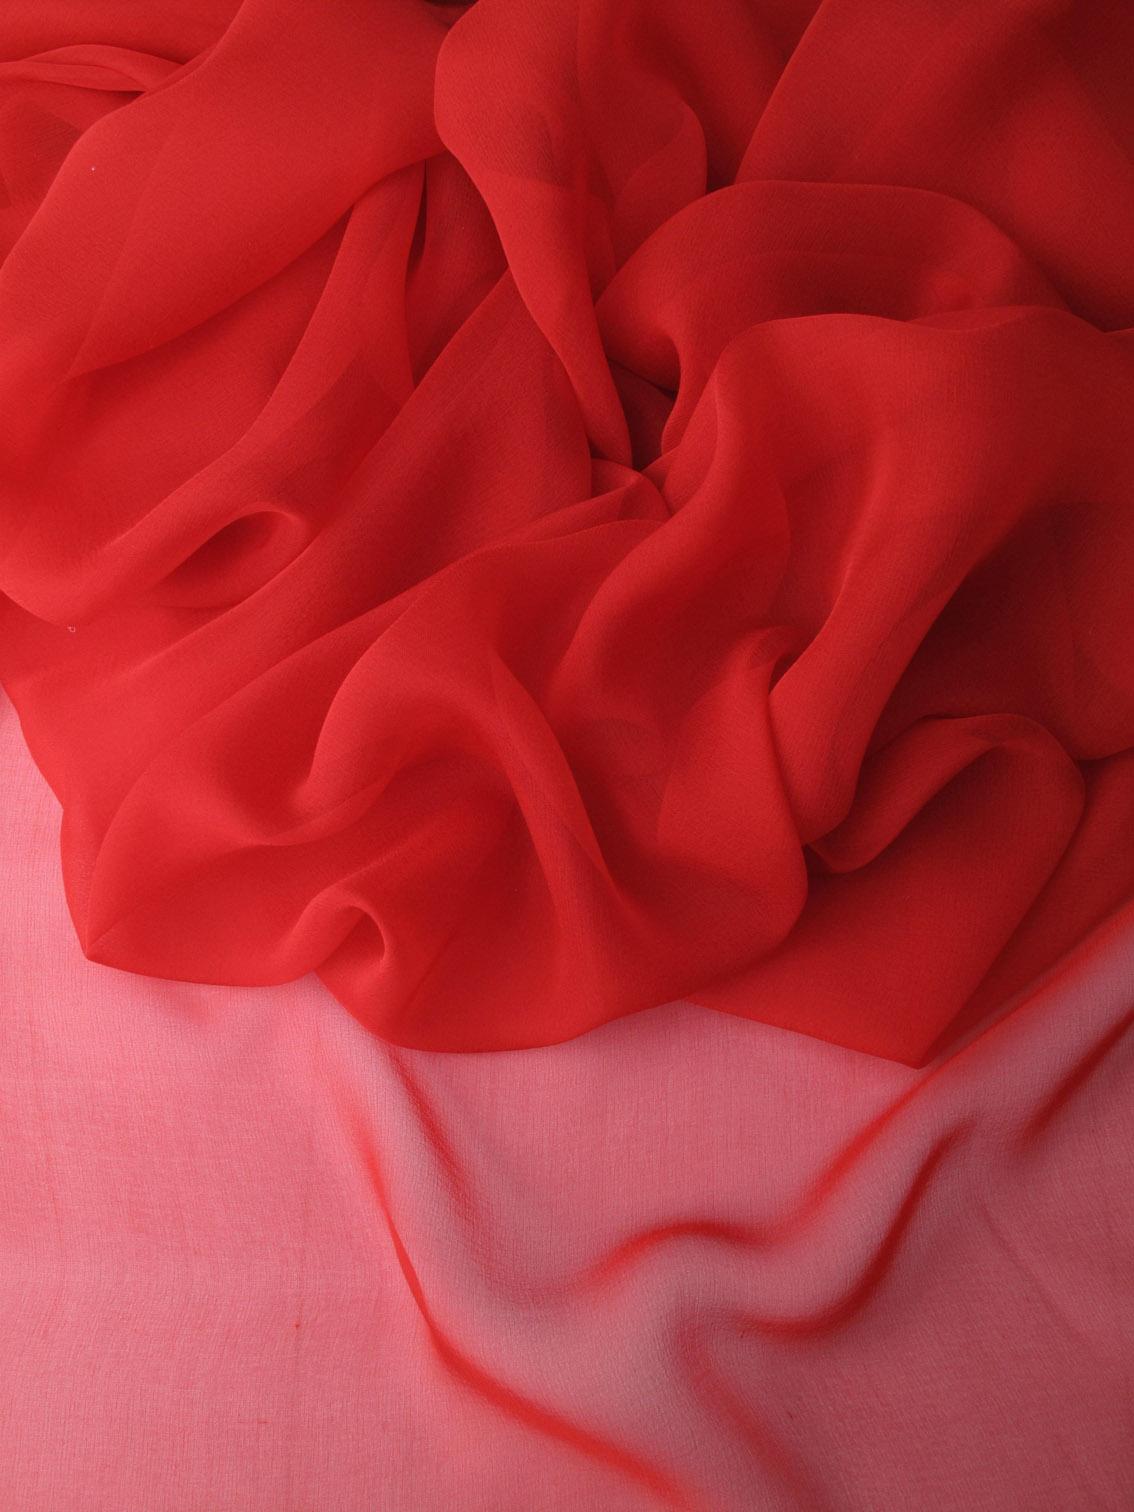 les nouveaut s au jour le jour chez stragier mousseline de soie unie rouge. Black Bedroom Furniture Sets. Home Design Ideas